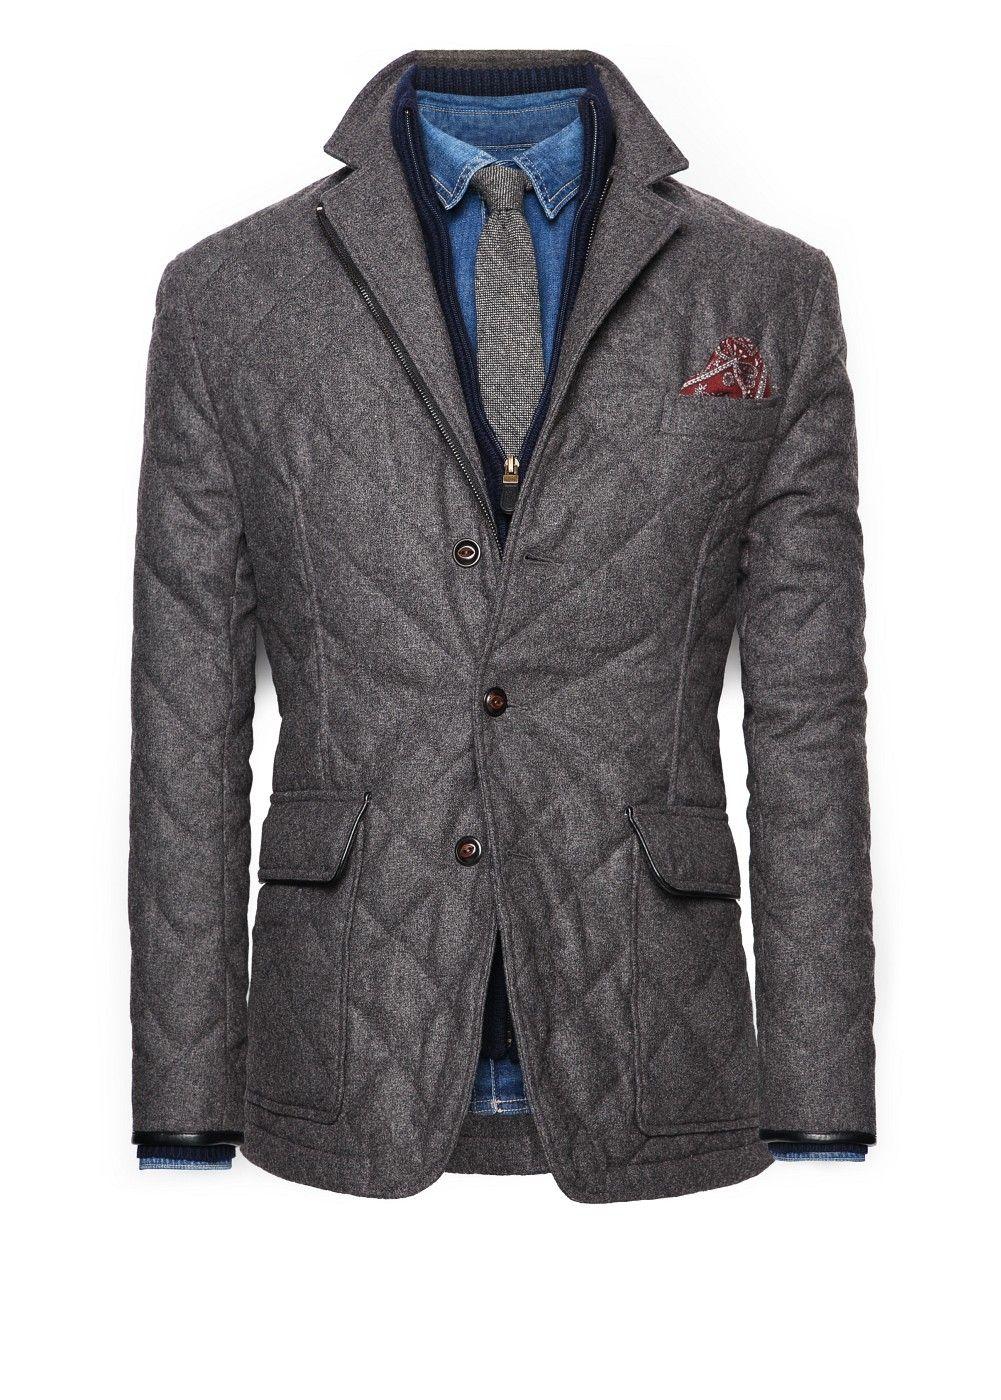 男性ファッショ husky jacket husky Man jacket Herringbone Herringbone nY5qHFg5